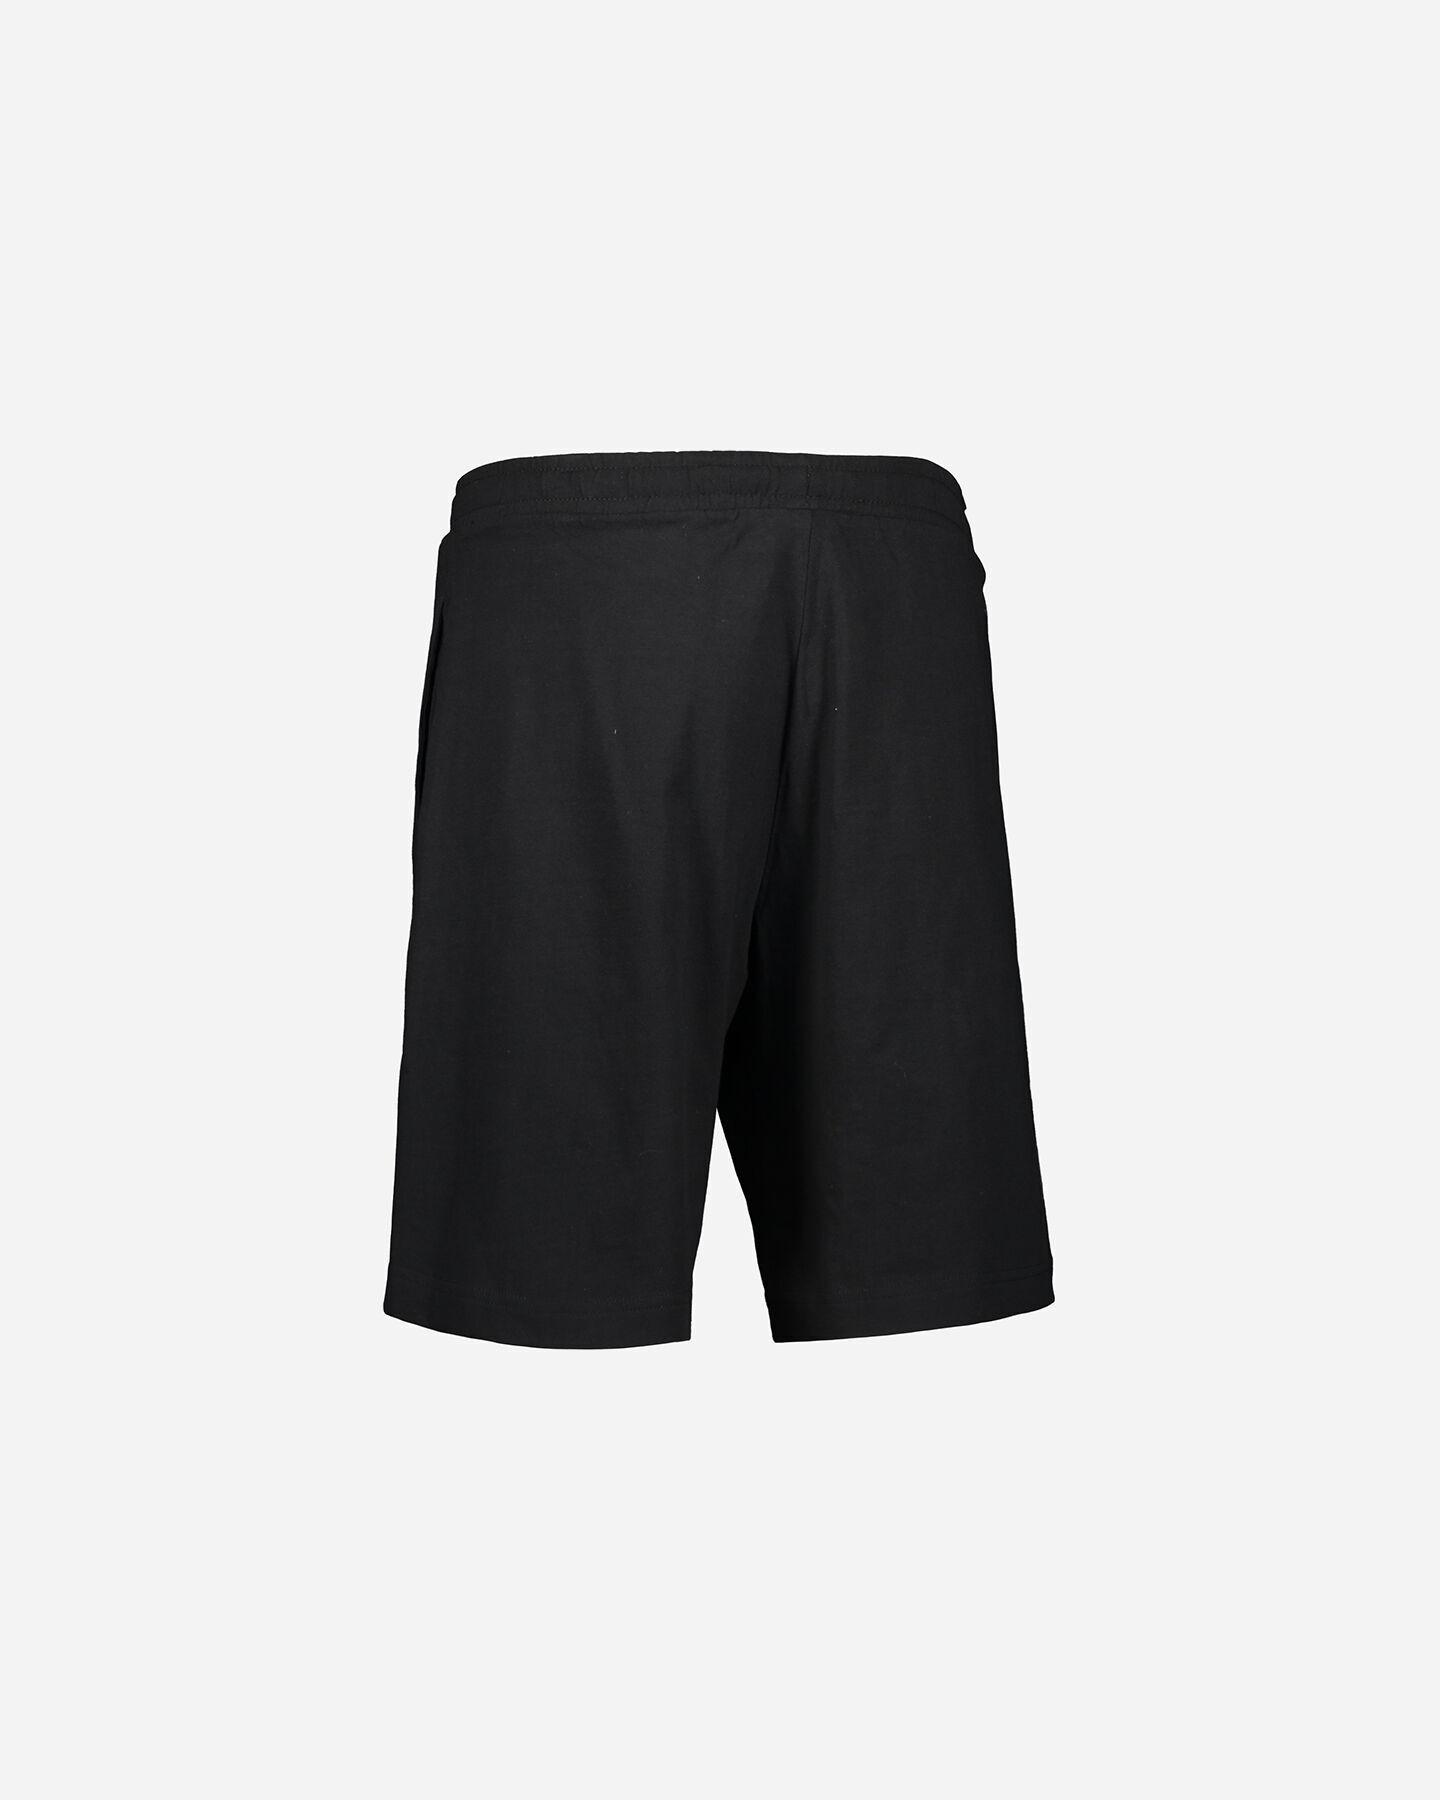 Pantaloncini ABC CLASSIC M S5296326 scatto 5